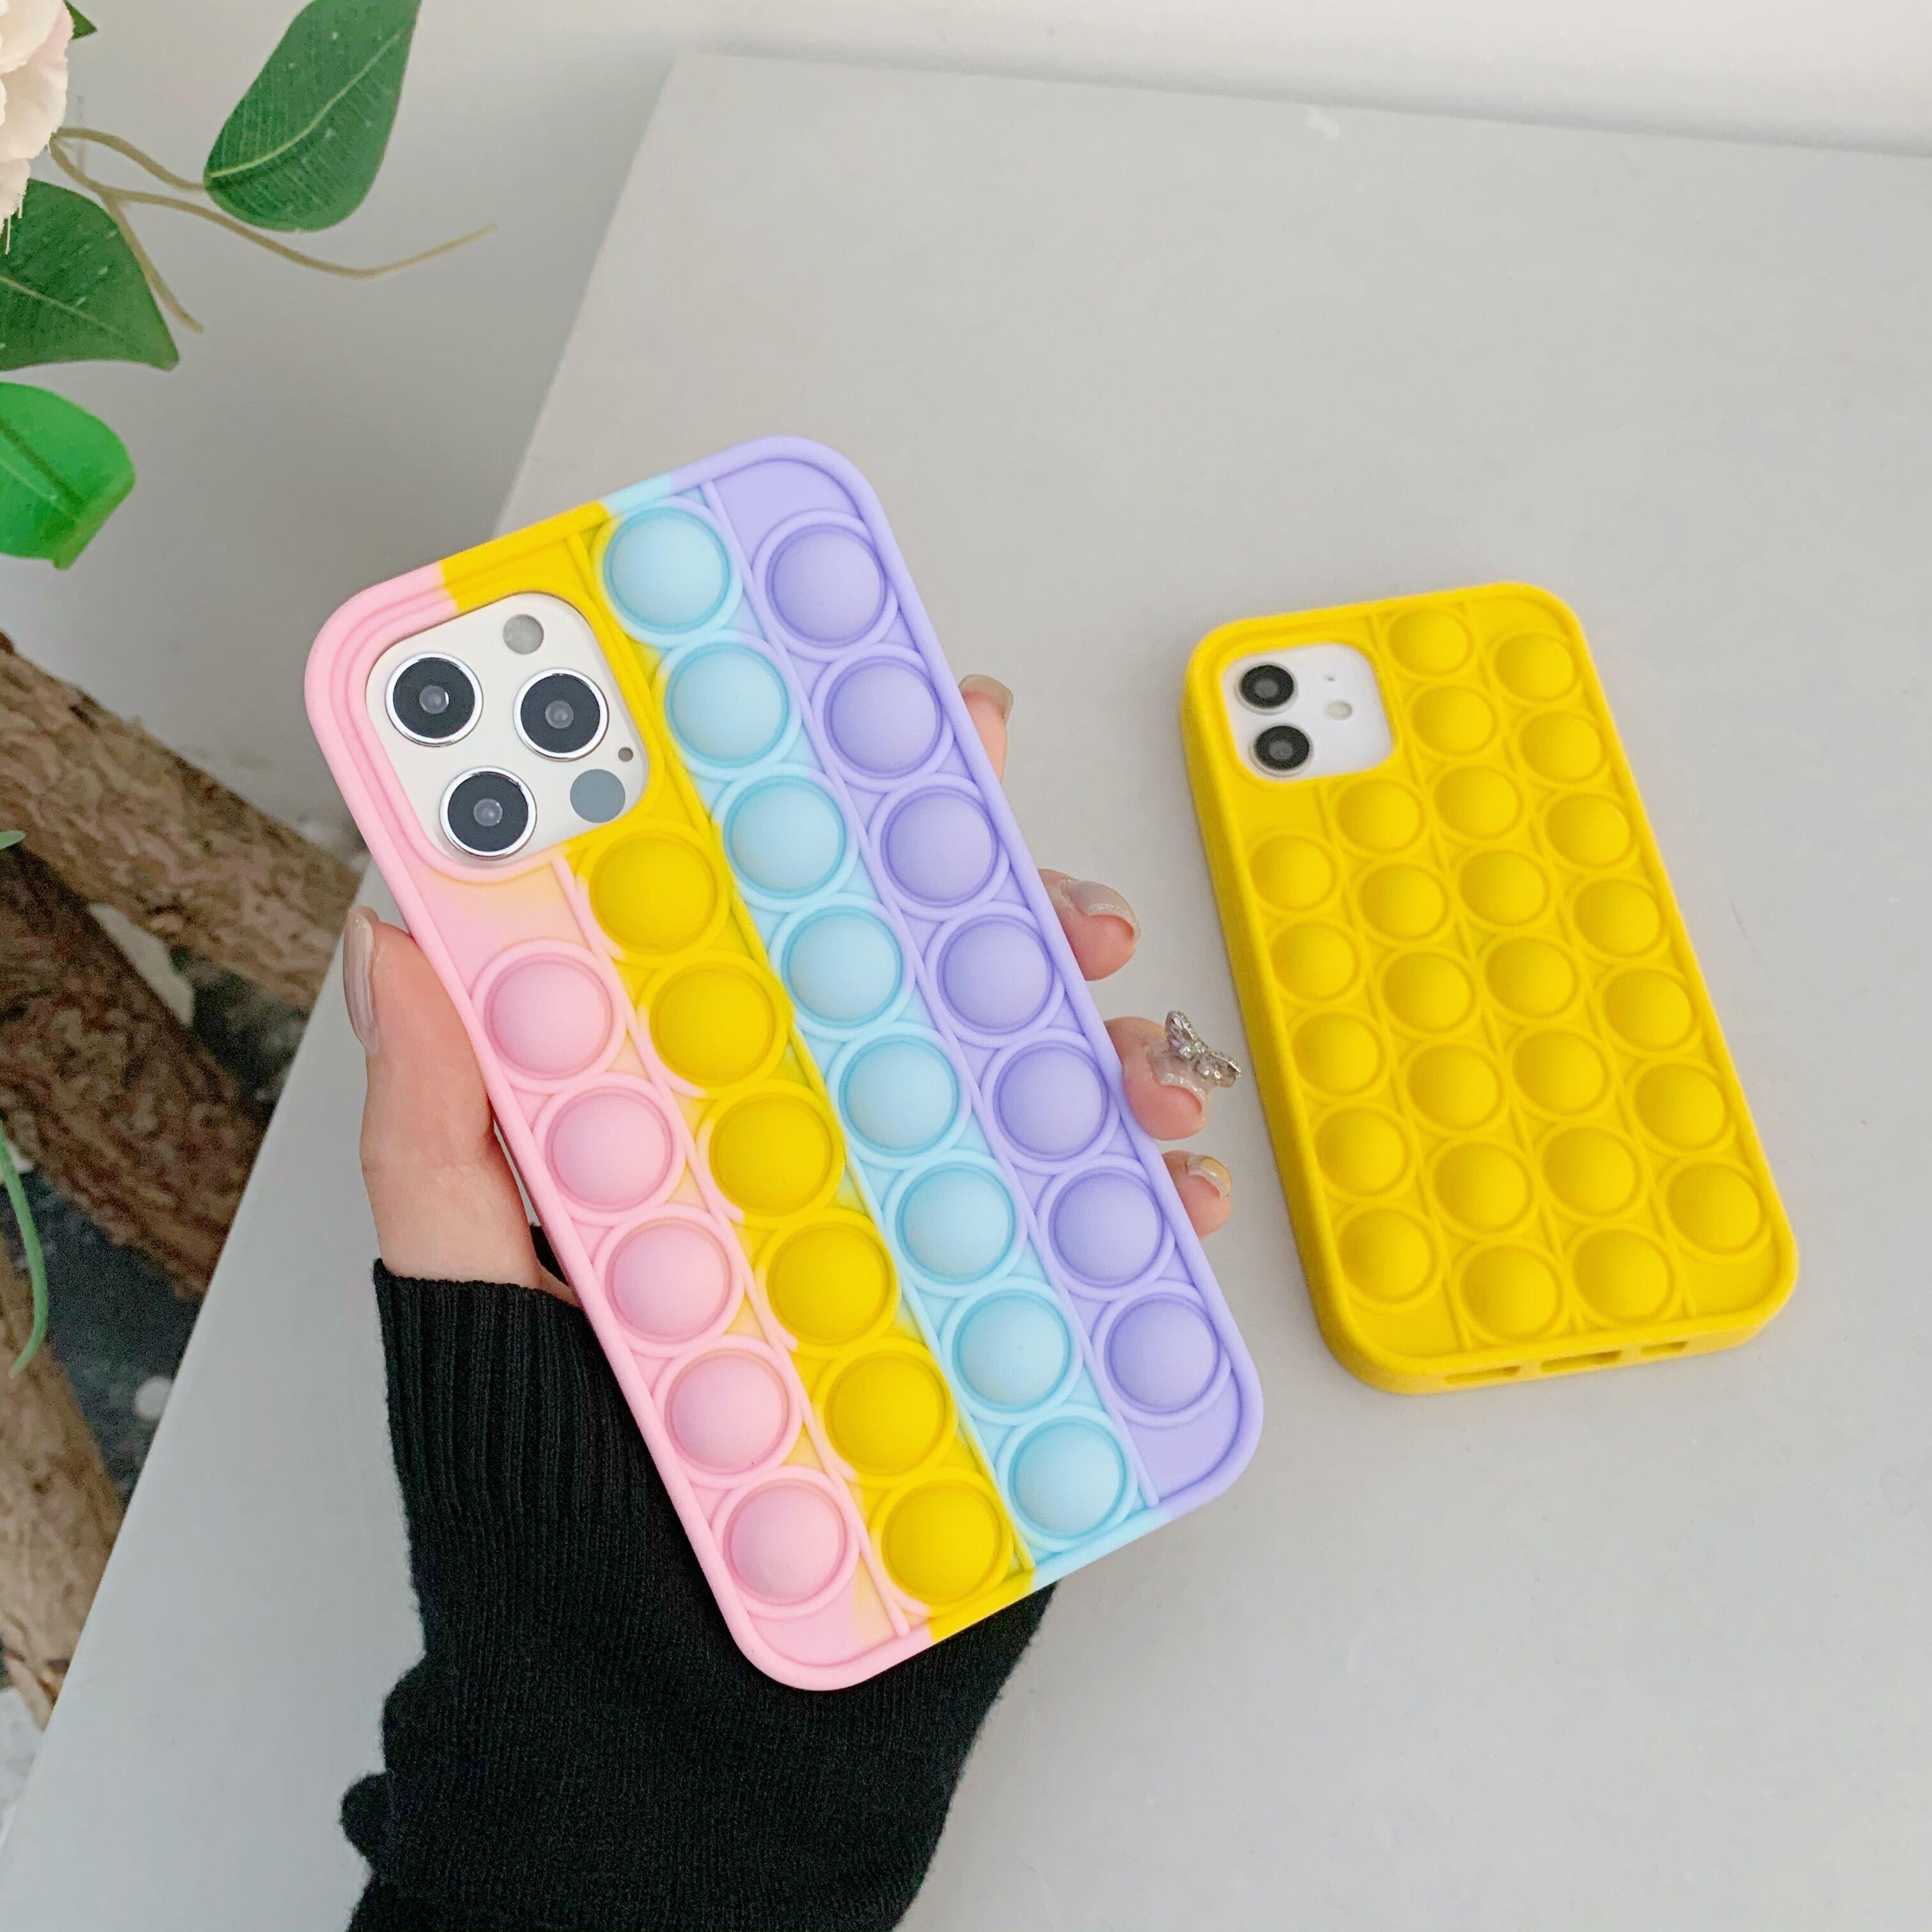 Модный Радужный силиконовый чехол для телефона Iphone 6 6s 7 8 Plus X XR XS Max11 12 Pro Max, чехол для снятия стресса